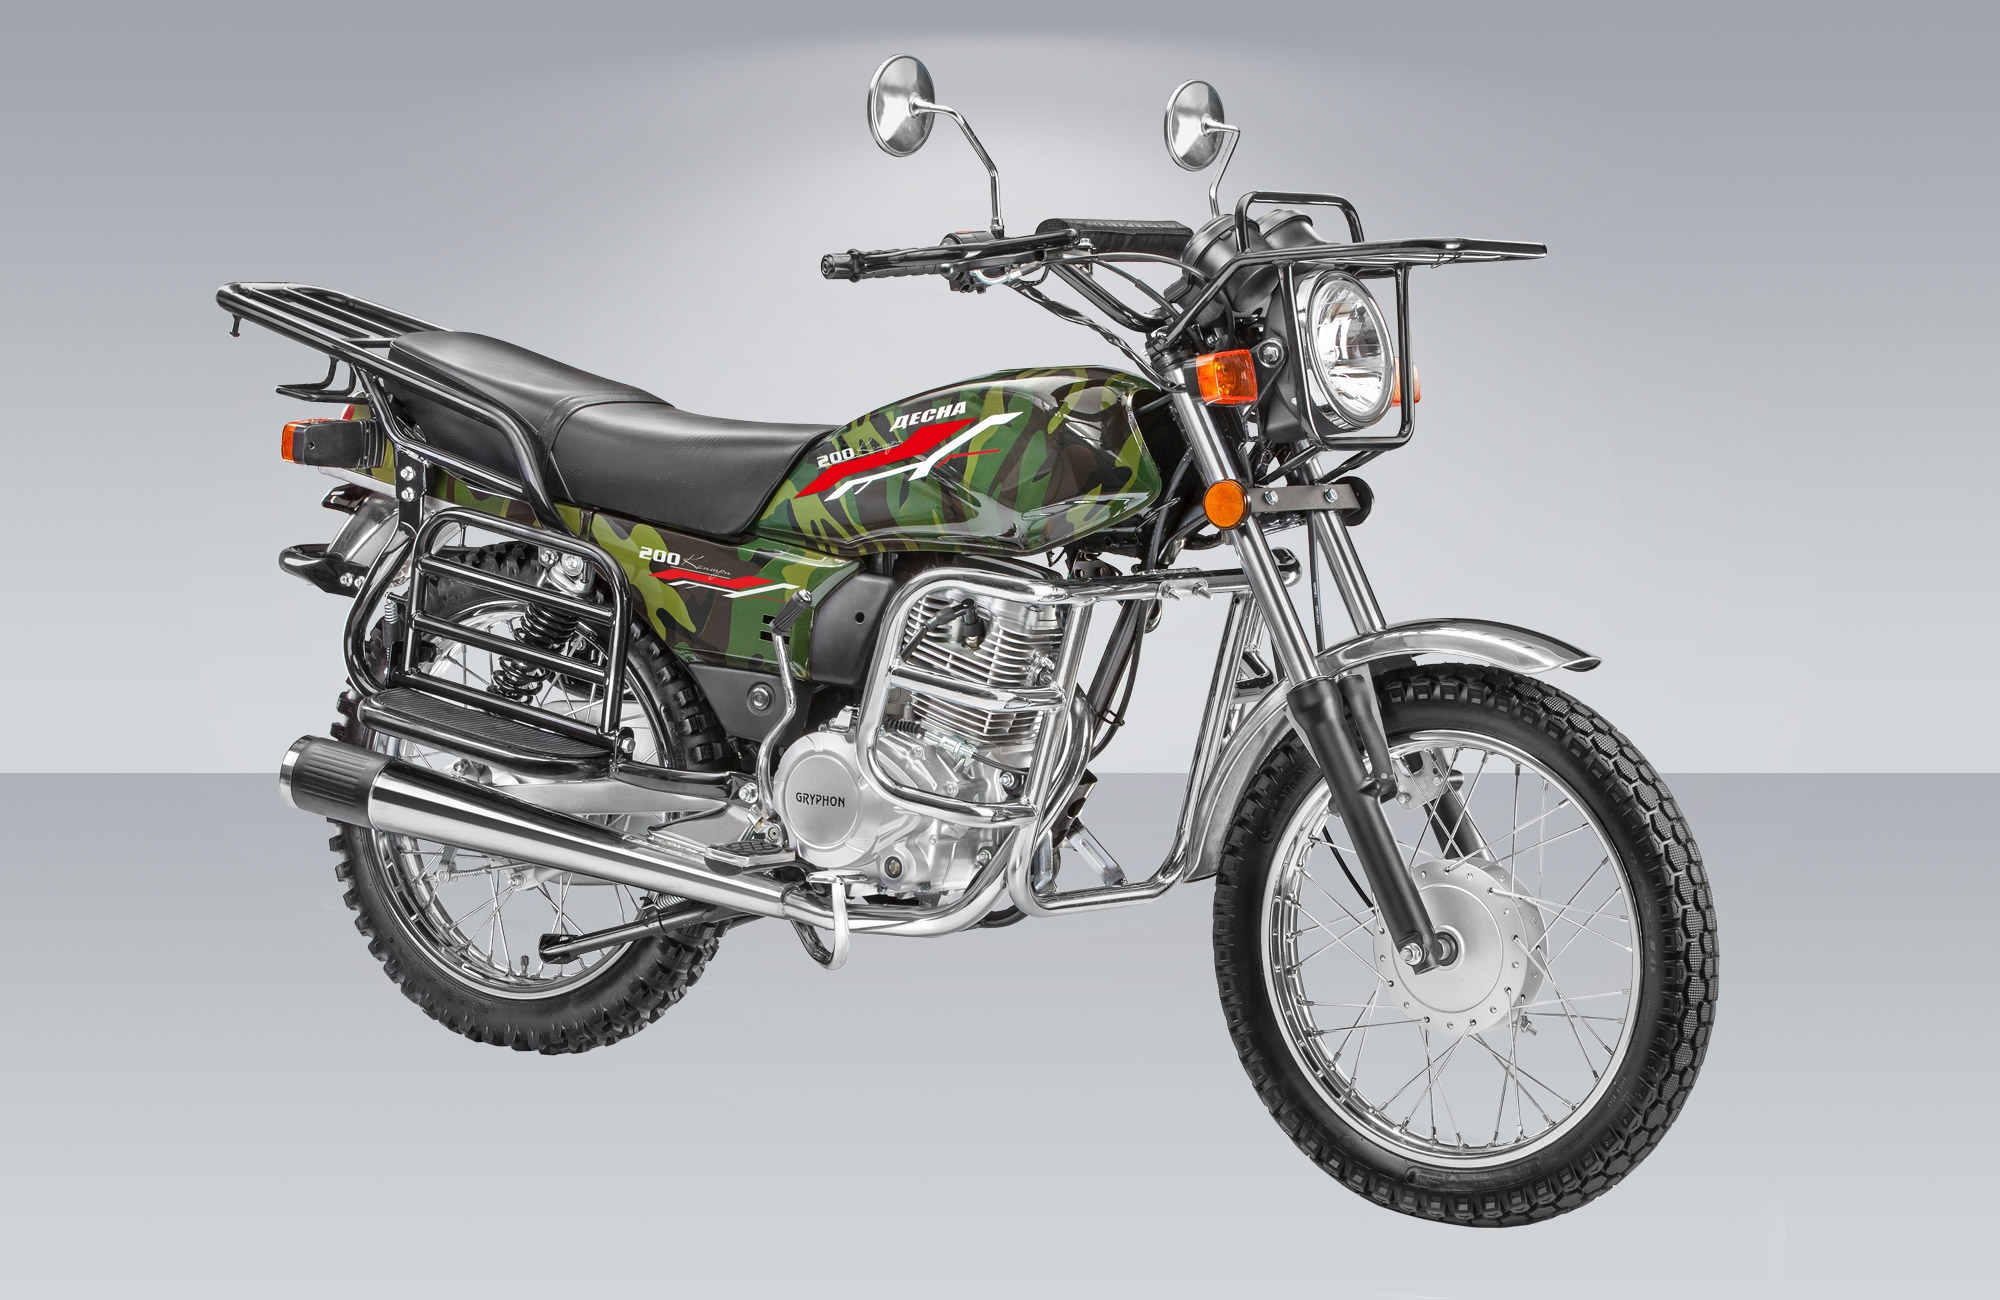 Запчасти на мотоцикл десна 220 фантом